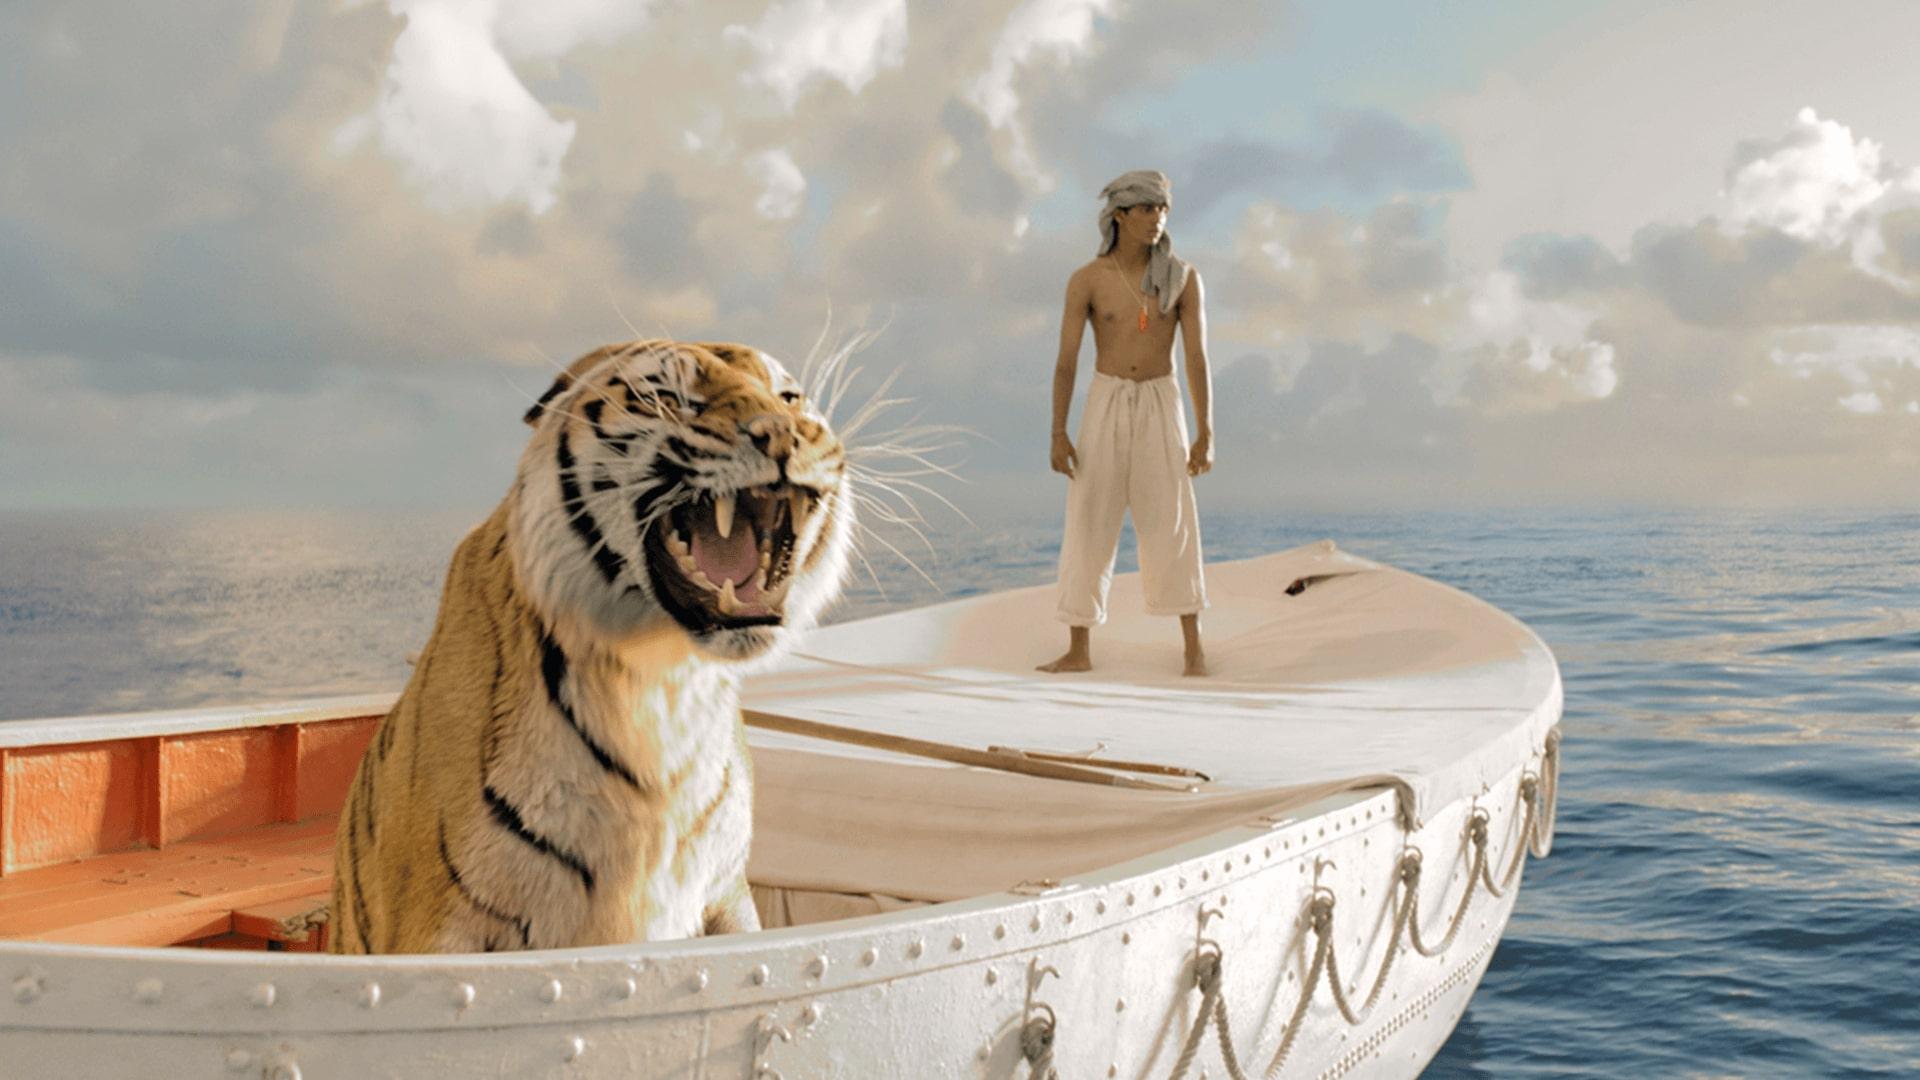 『ライフ・オブ・パイ/トラと漂流した227日』アカデミー賞視覚効果賞を受賞したVFXスタッフの苦労と悲劇とは